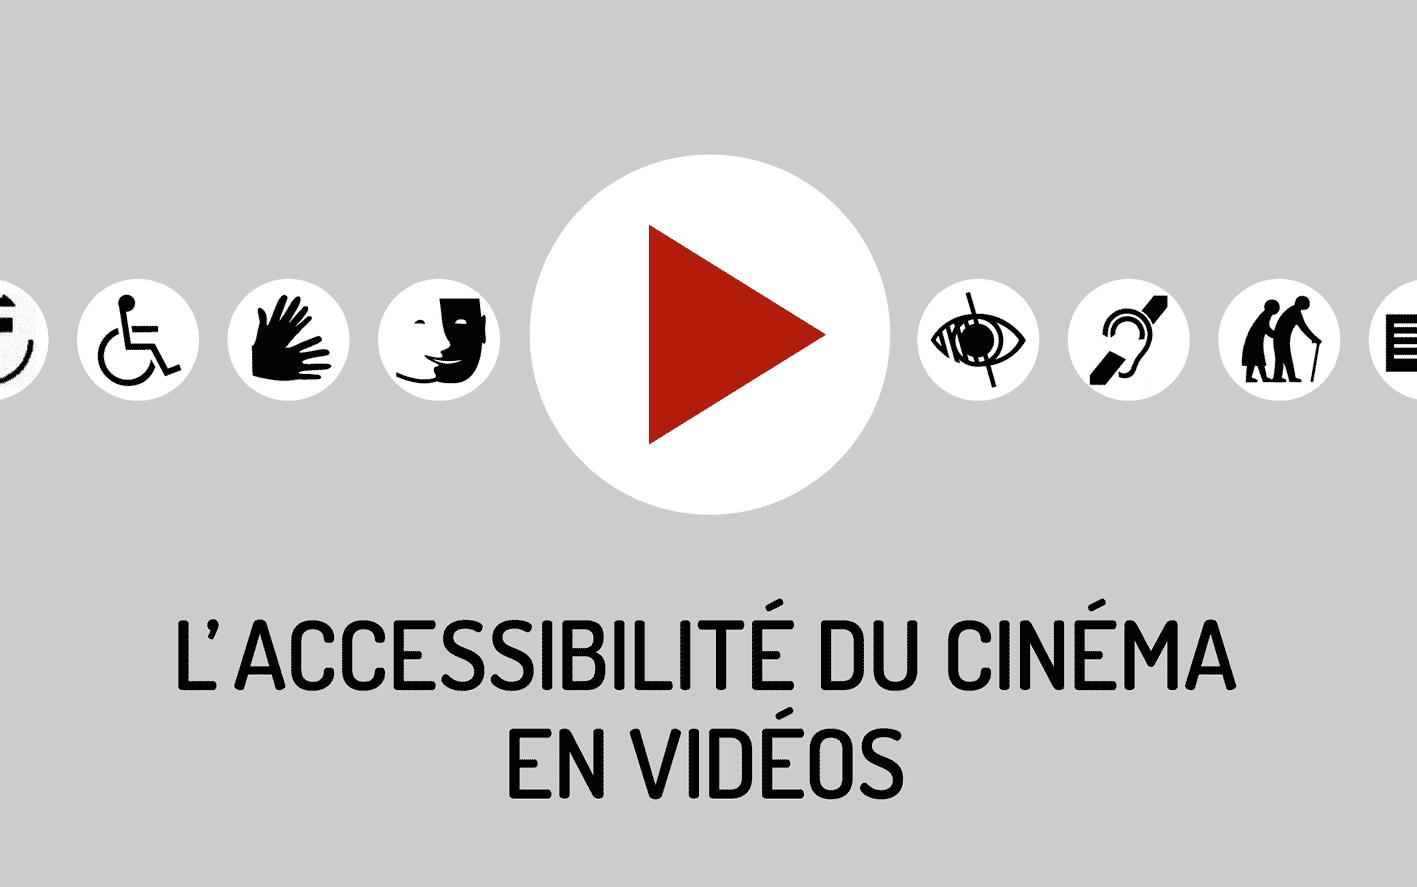 L'accessibilité du cinéma